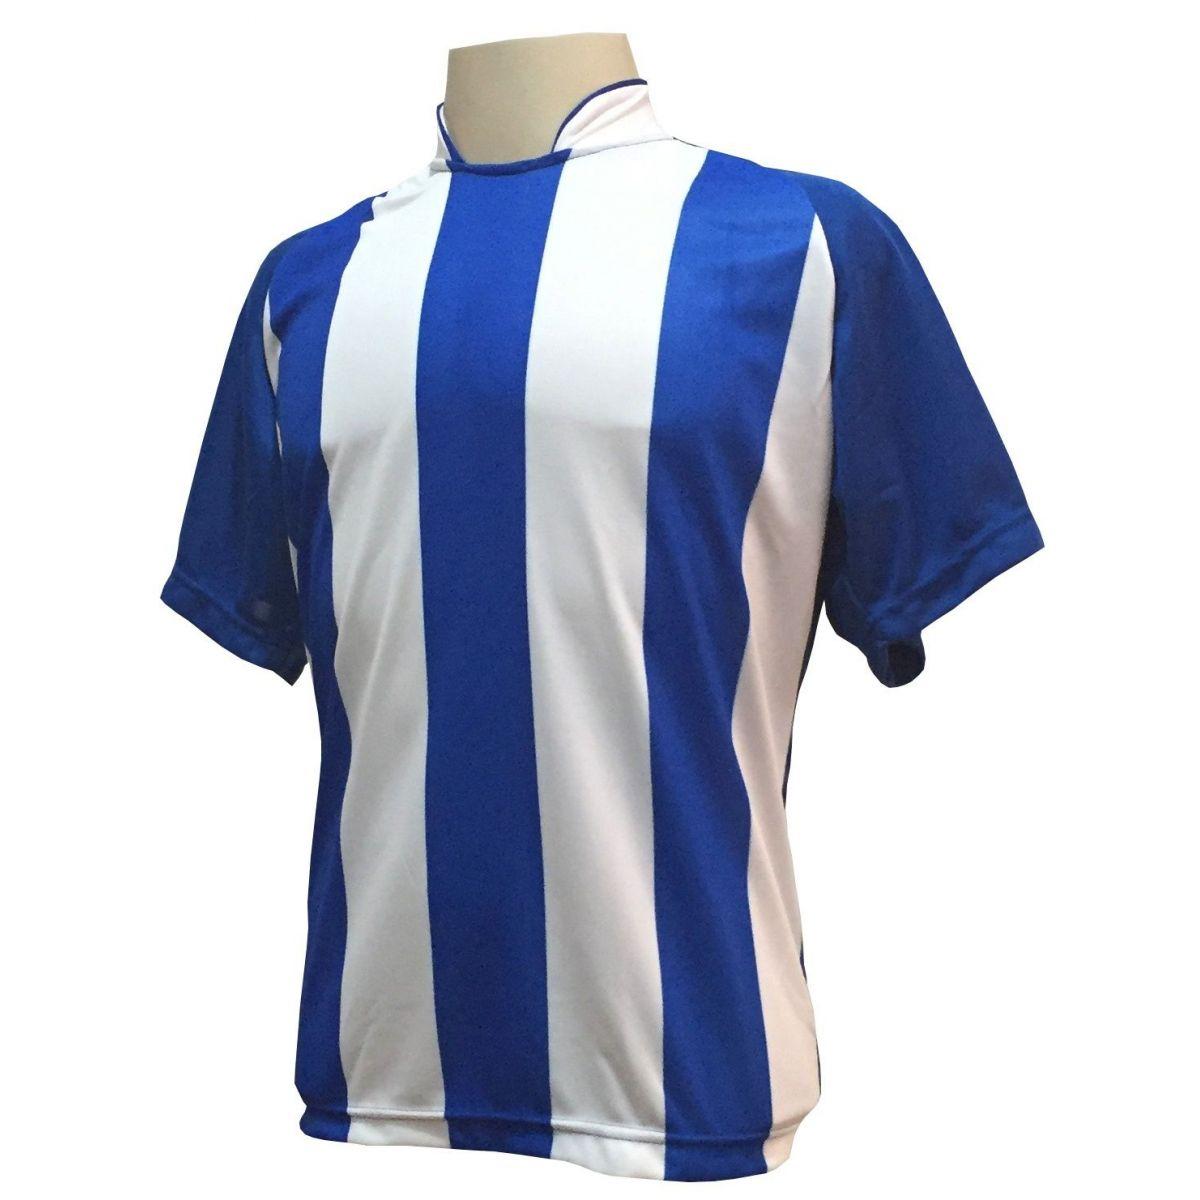 Uniforme Esportivo com 12 camisas modelo Milan Royal/Branco + 12 calções modelo Madrid Royal + Brindes